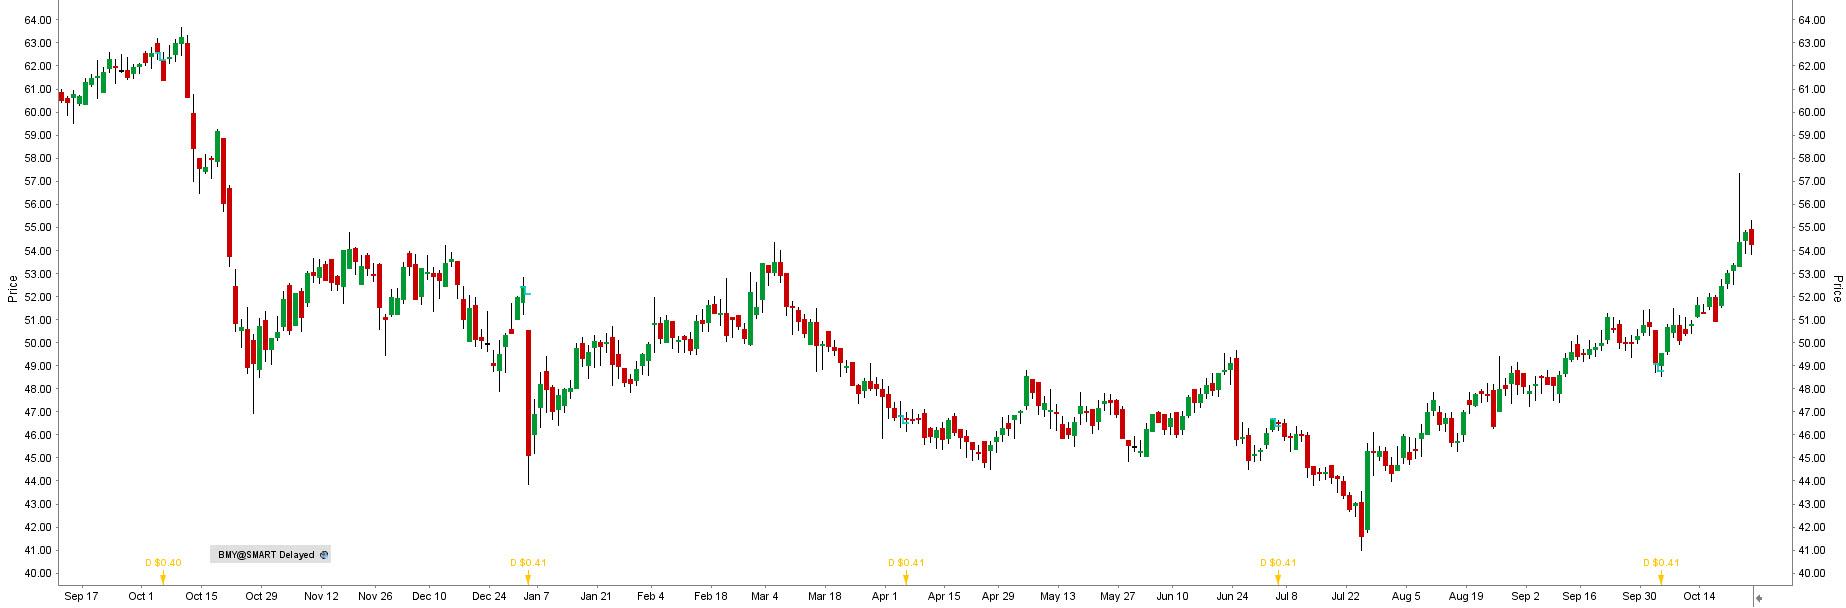 Akcje Bristol-Myers Squibb